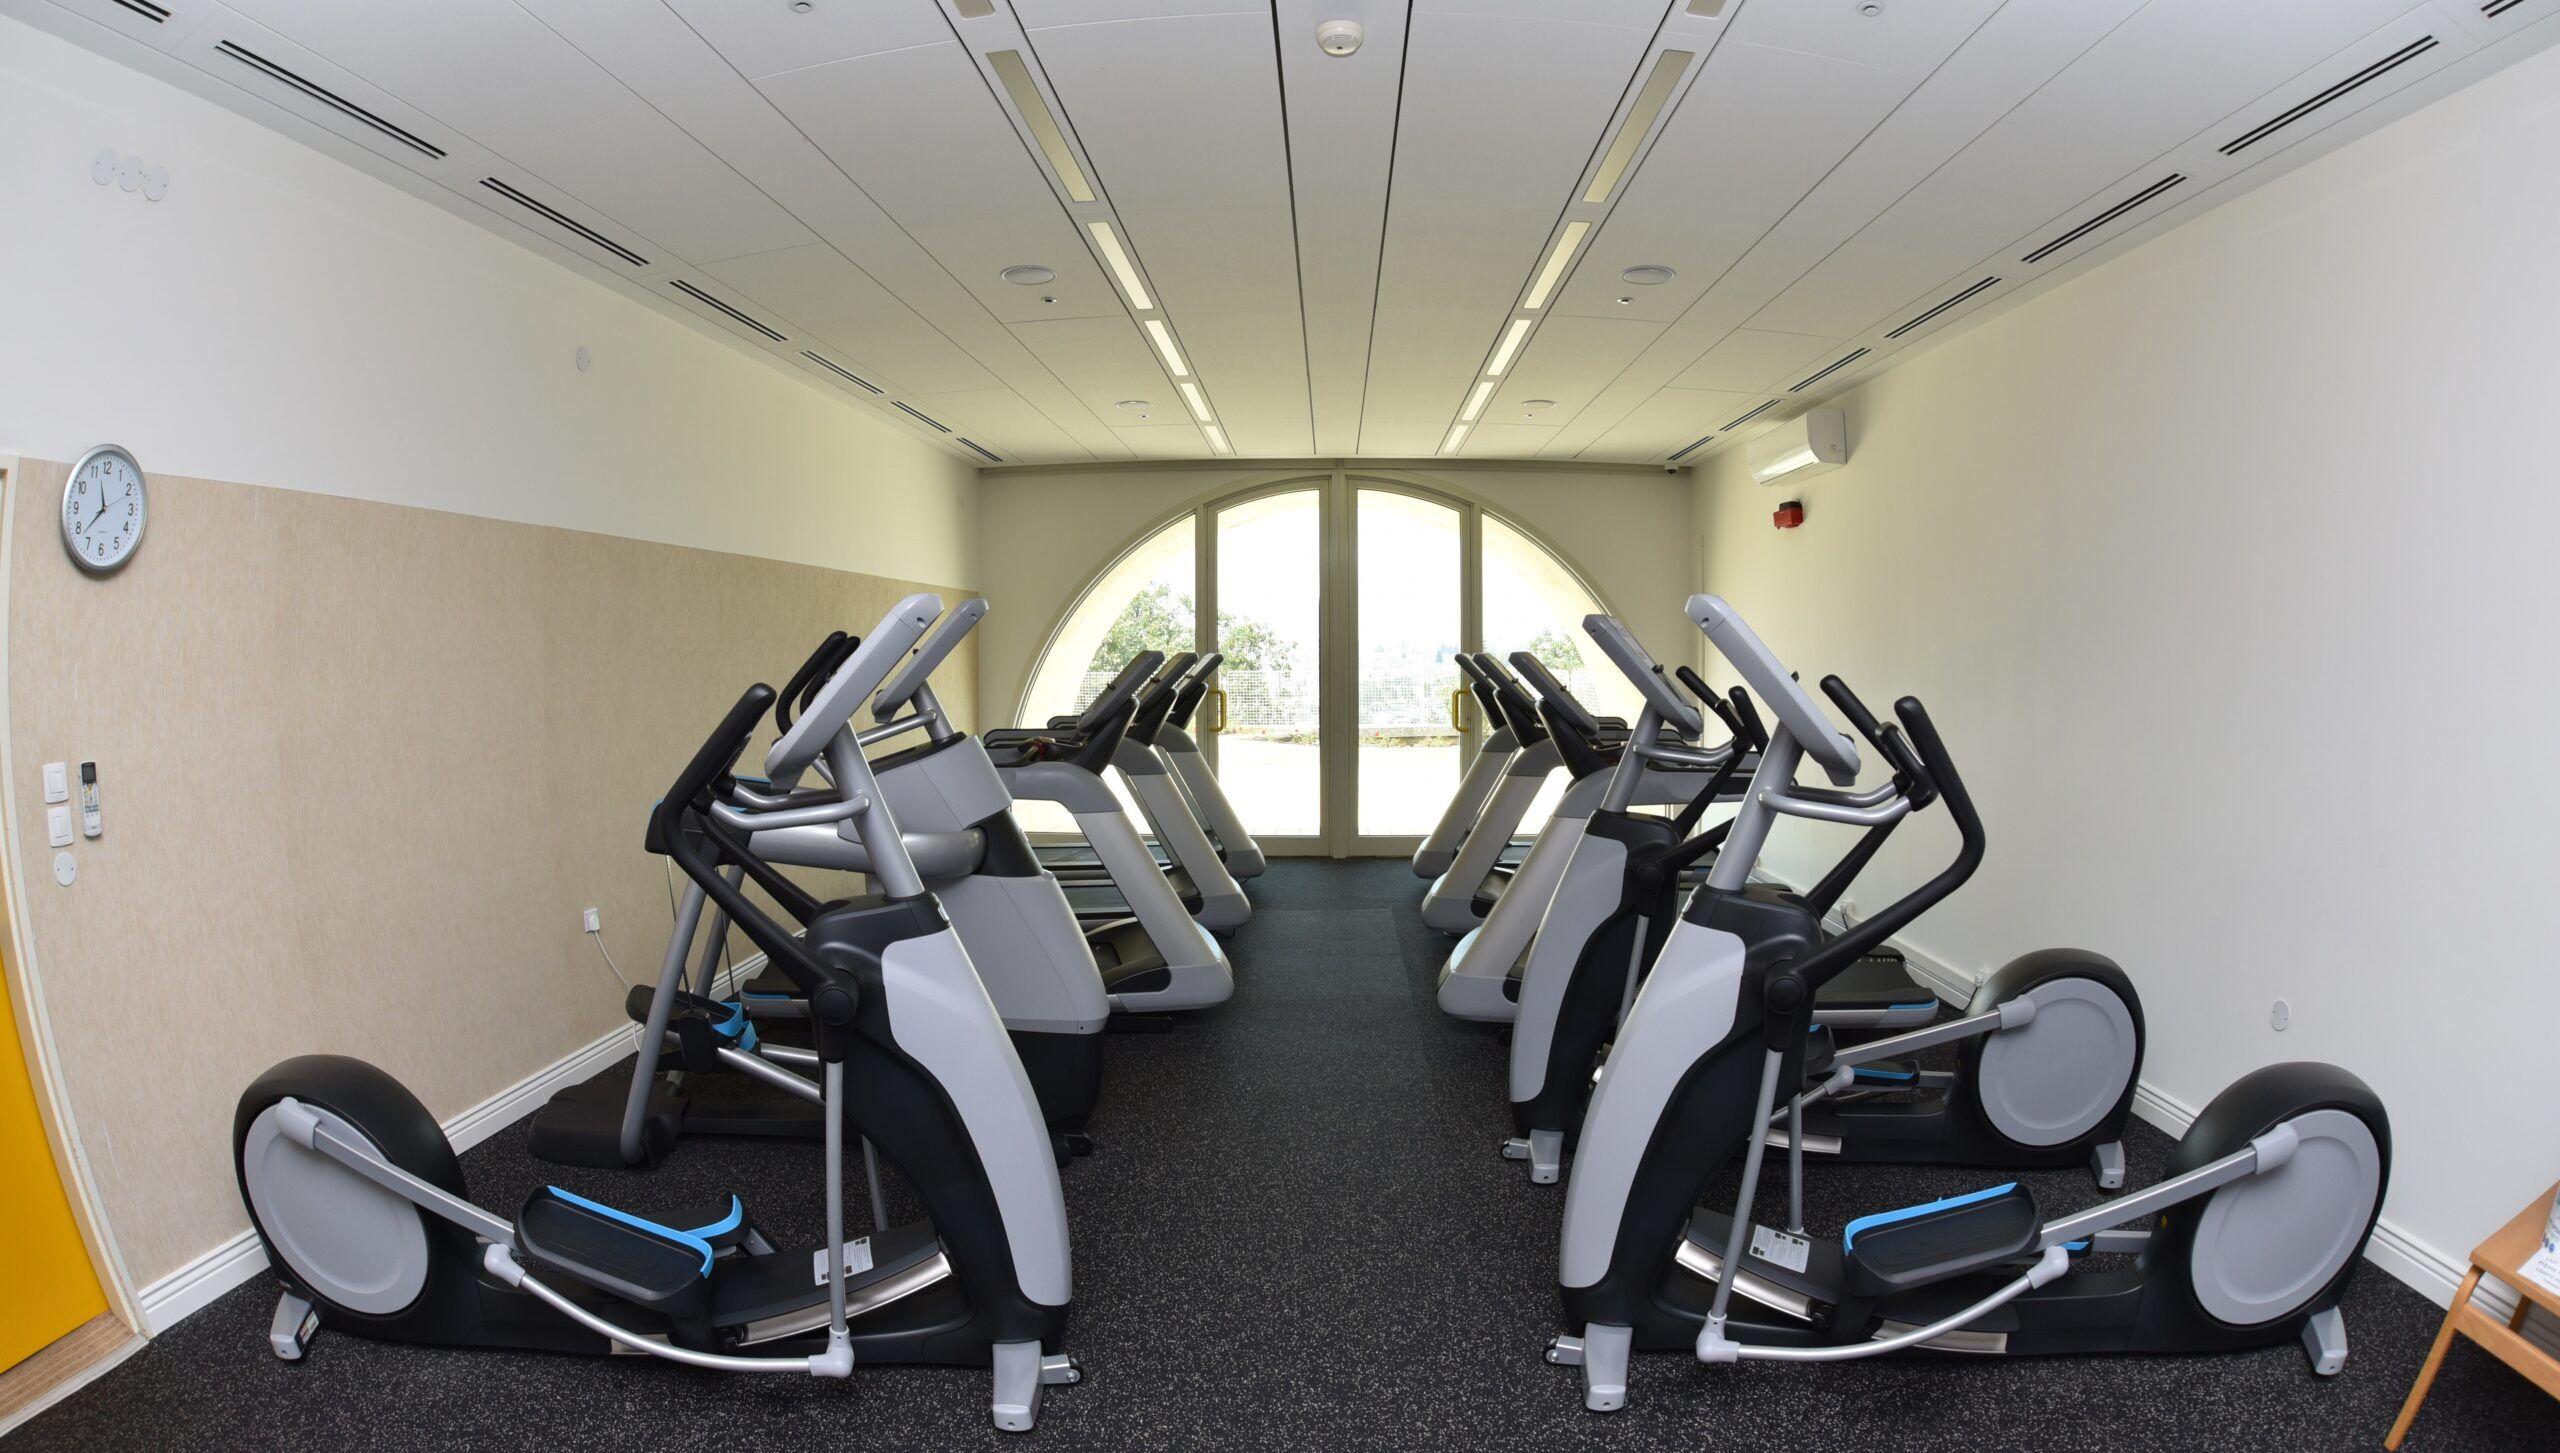 New workout space. Photograph by Mark Philbrick. Courtesy BYU Jerusalem Center.